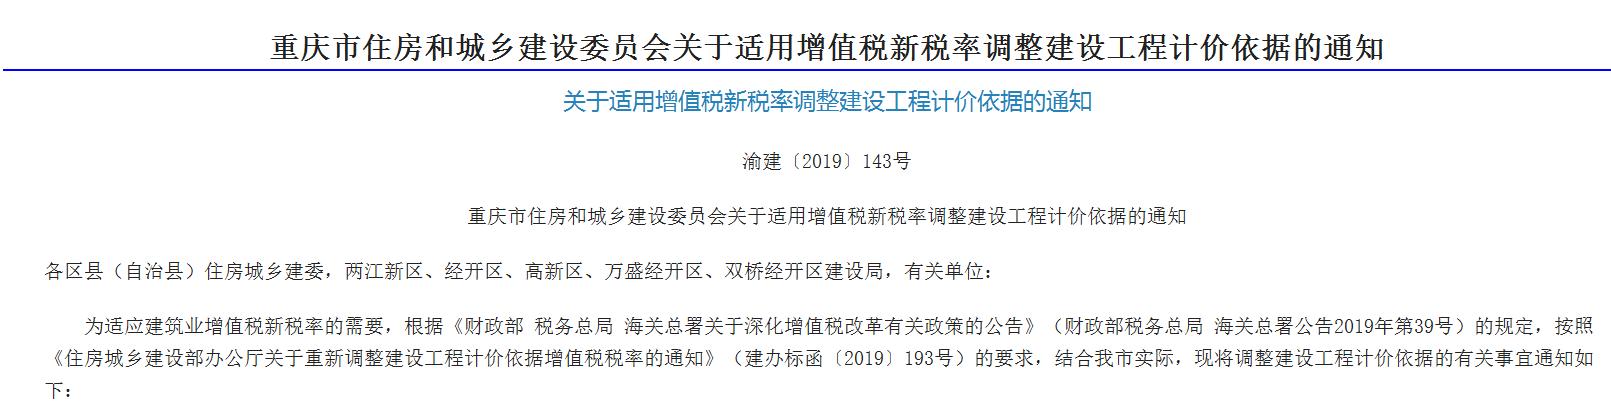 重庆营改增相关文件